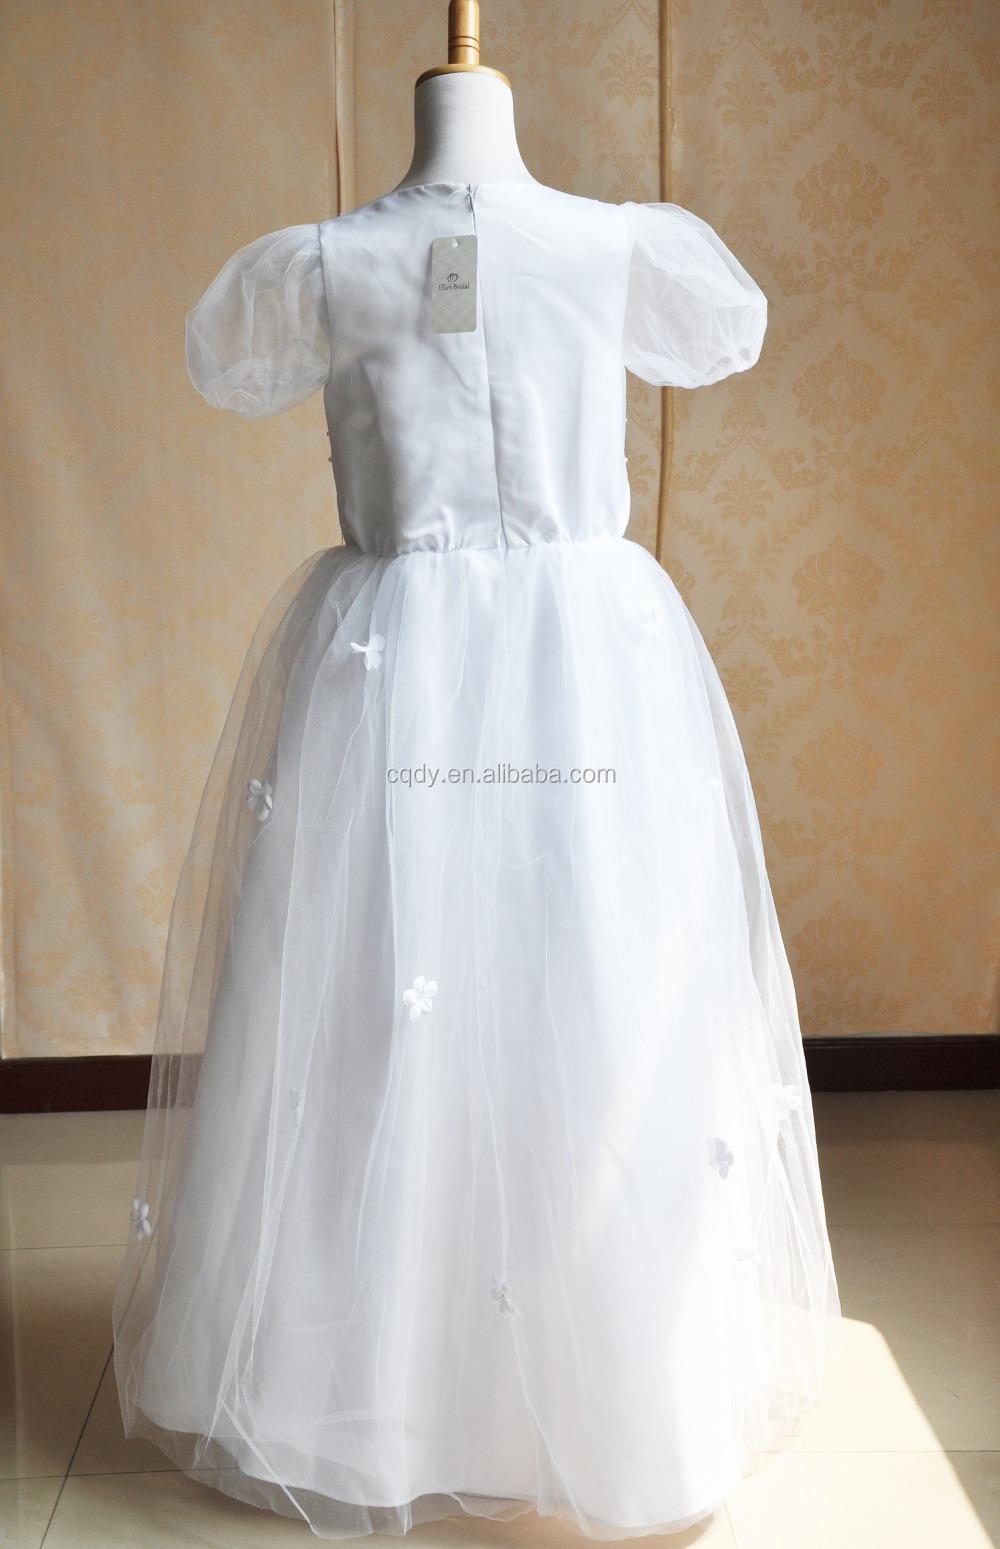 Hohe Qualität Puffy Tüll Kurzarm Mädchen Taufe Kleid Mit Perlen Dekoration Mädchen Kommunion Kleid Für 10 Jahre Alt Mädchen Buy Mädchen Taufe Kleid